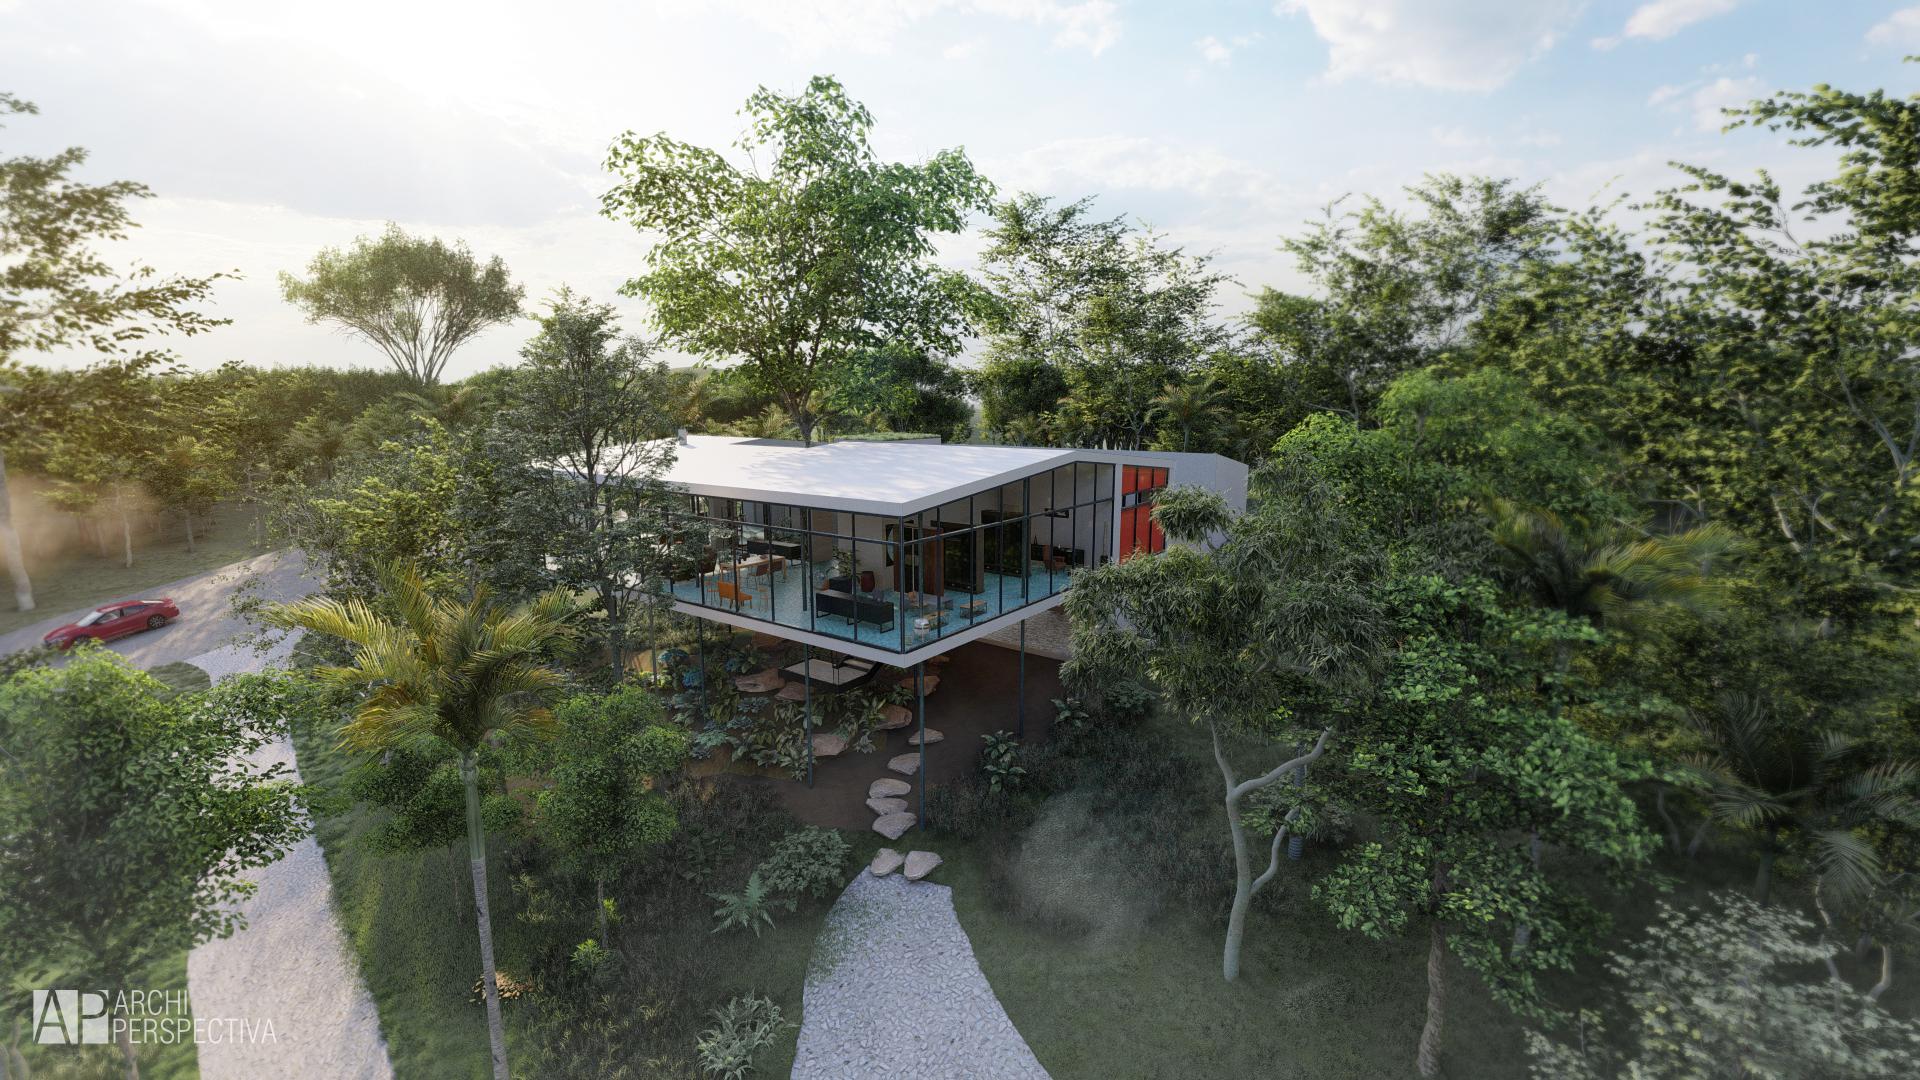 casa de vidro render render architecture brasil architecture lumion revit